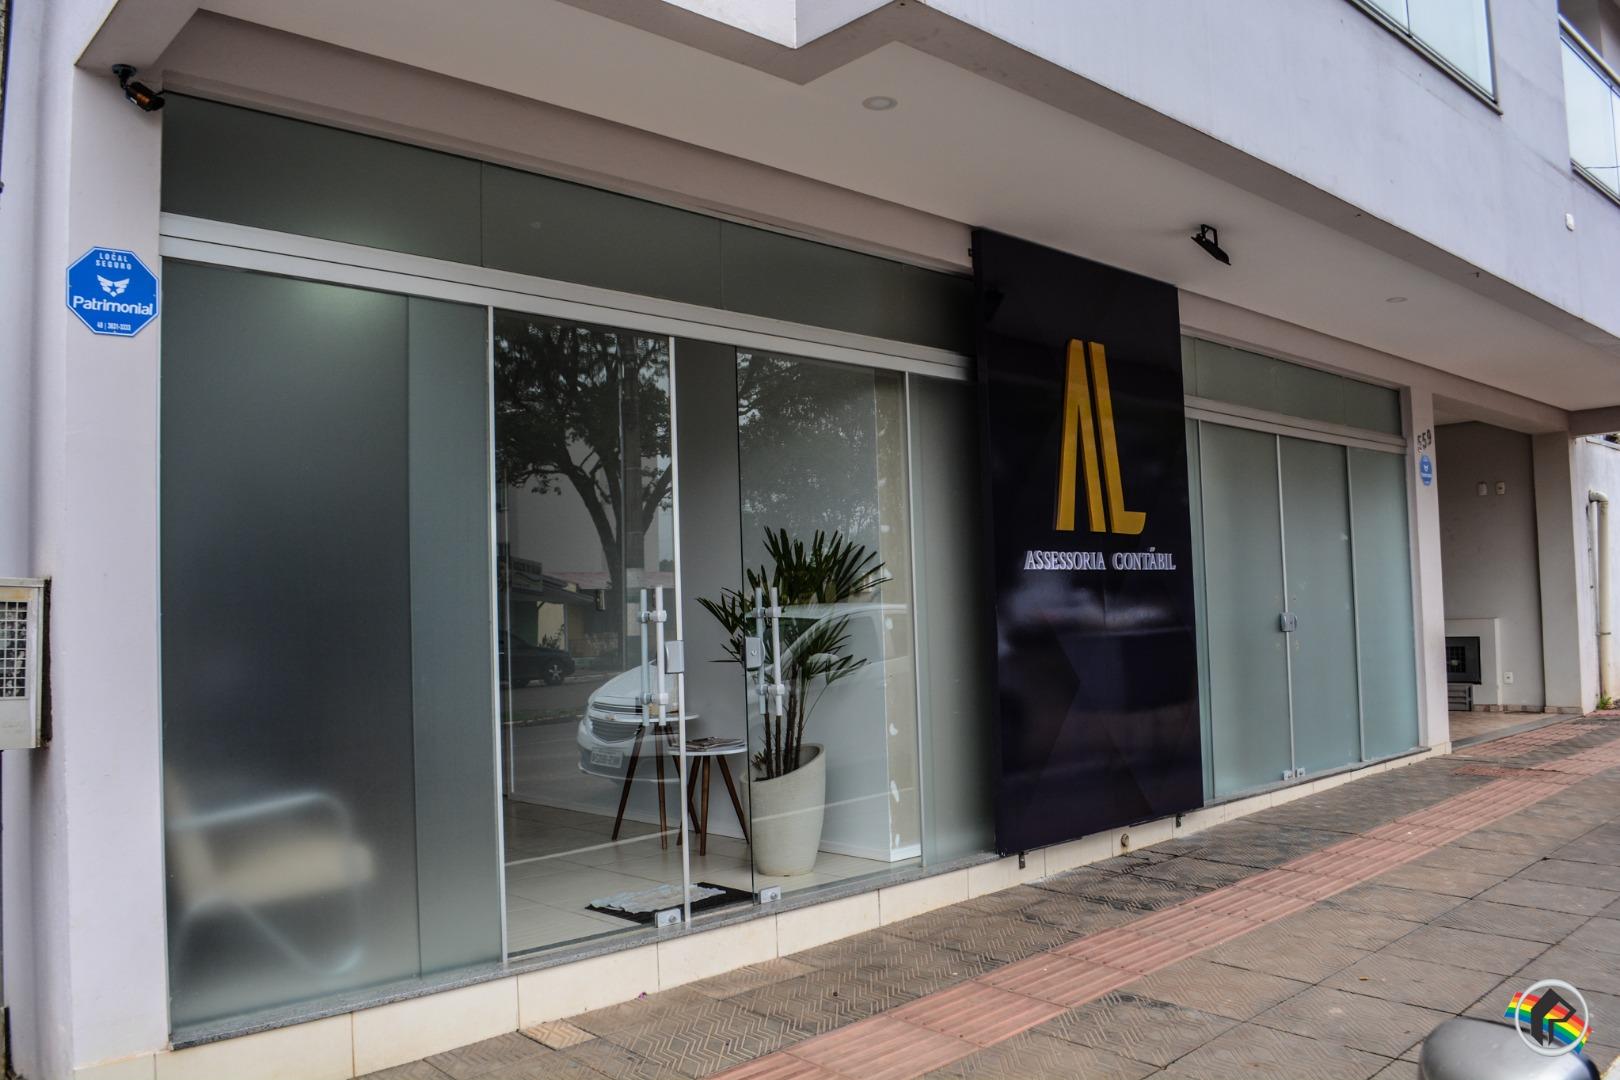 AL Assessoria Contábil reinaugura em São Miguel do Oeste